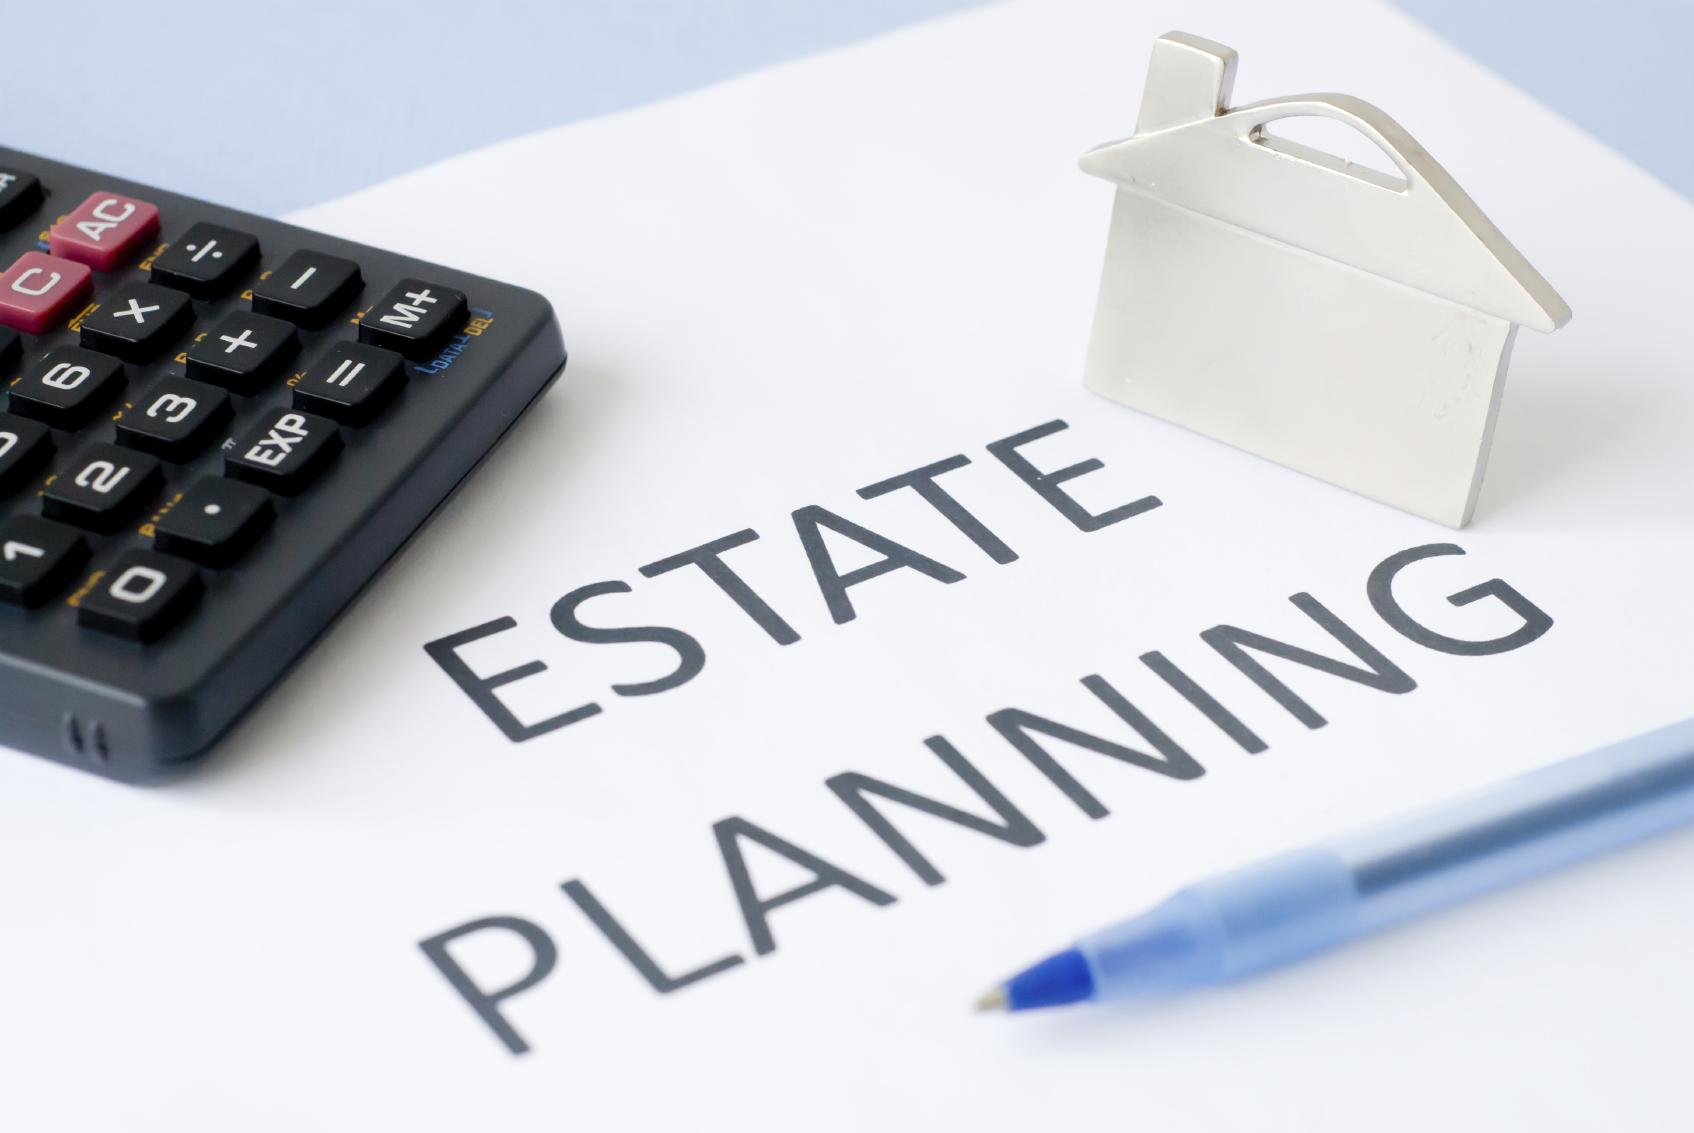 Lí do mọi người cần có kế hoạch bất động sản dù đang có bao nhiêu tiền - Ảnh 1.